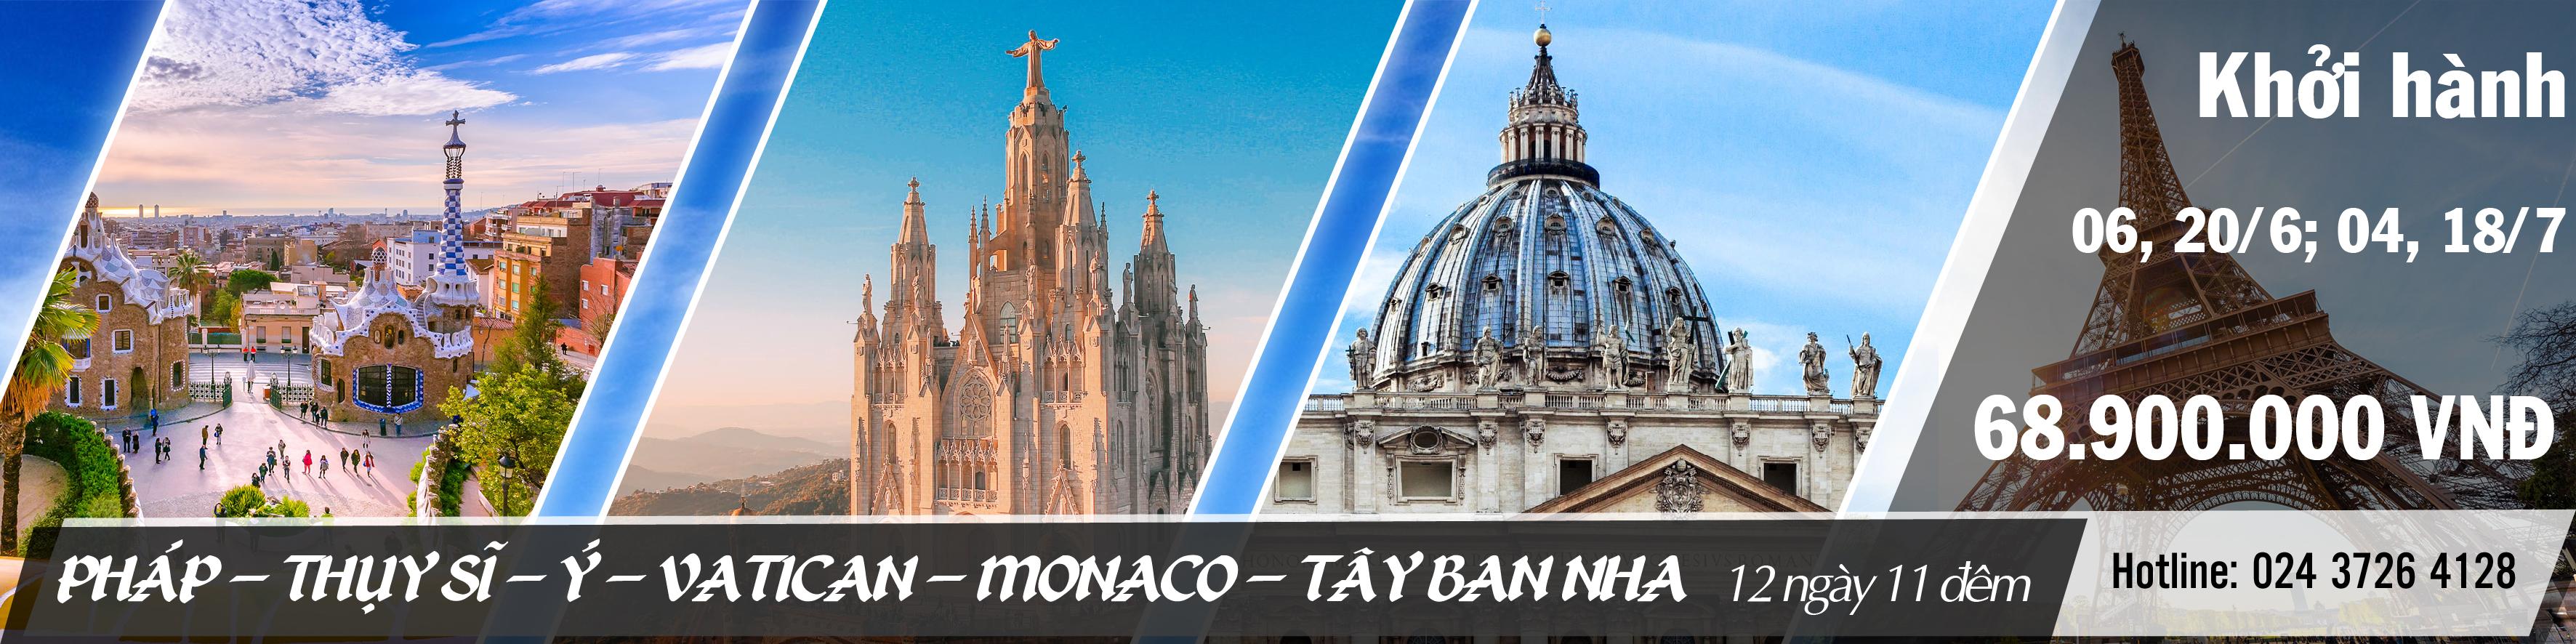 http://miendongduong.com/phap-thuy-si-y-vatican-monaco-tay-ban-nha